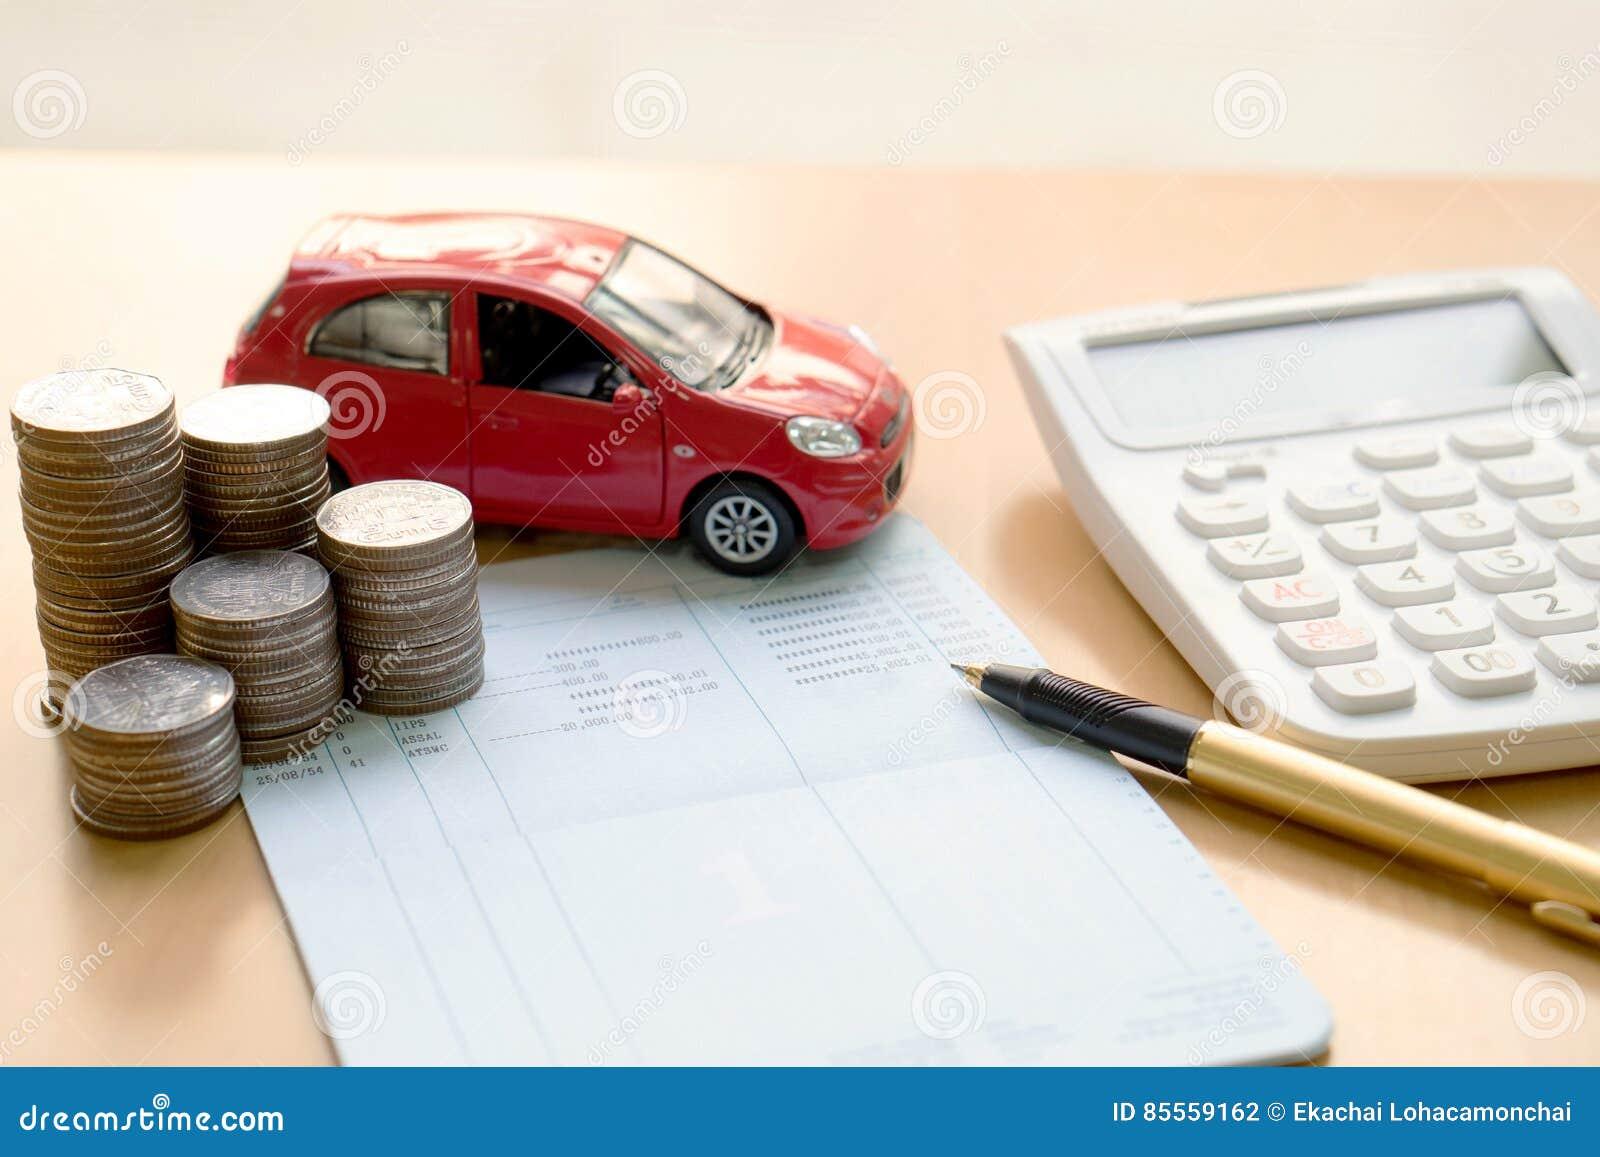 Münzen stapeln in den Spalten, Einsparungsbuch, Auto Finanzierung und ein Bankkonto haben Co